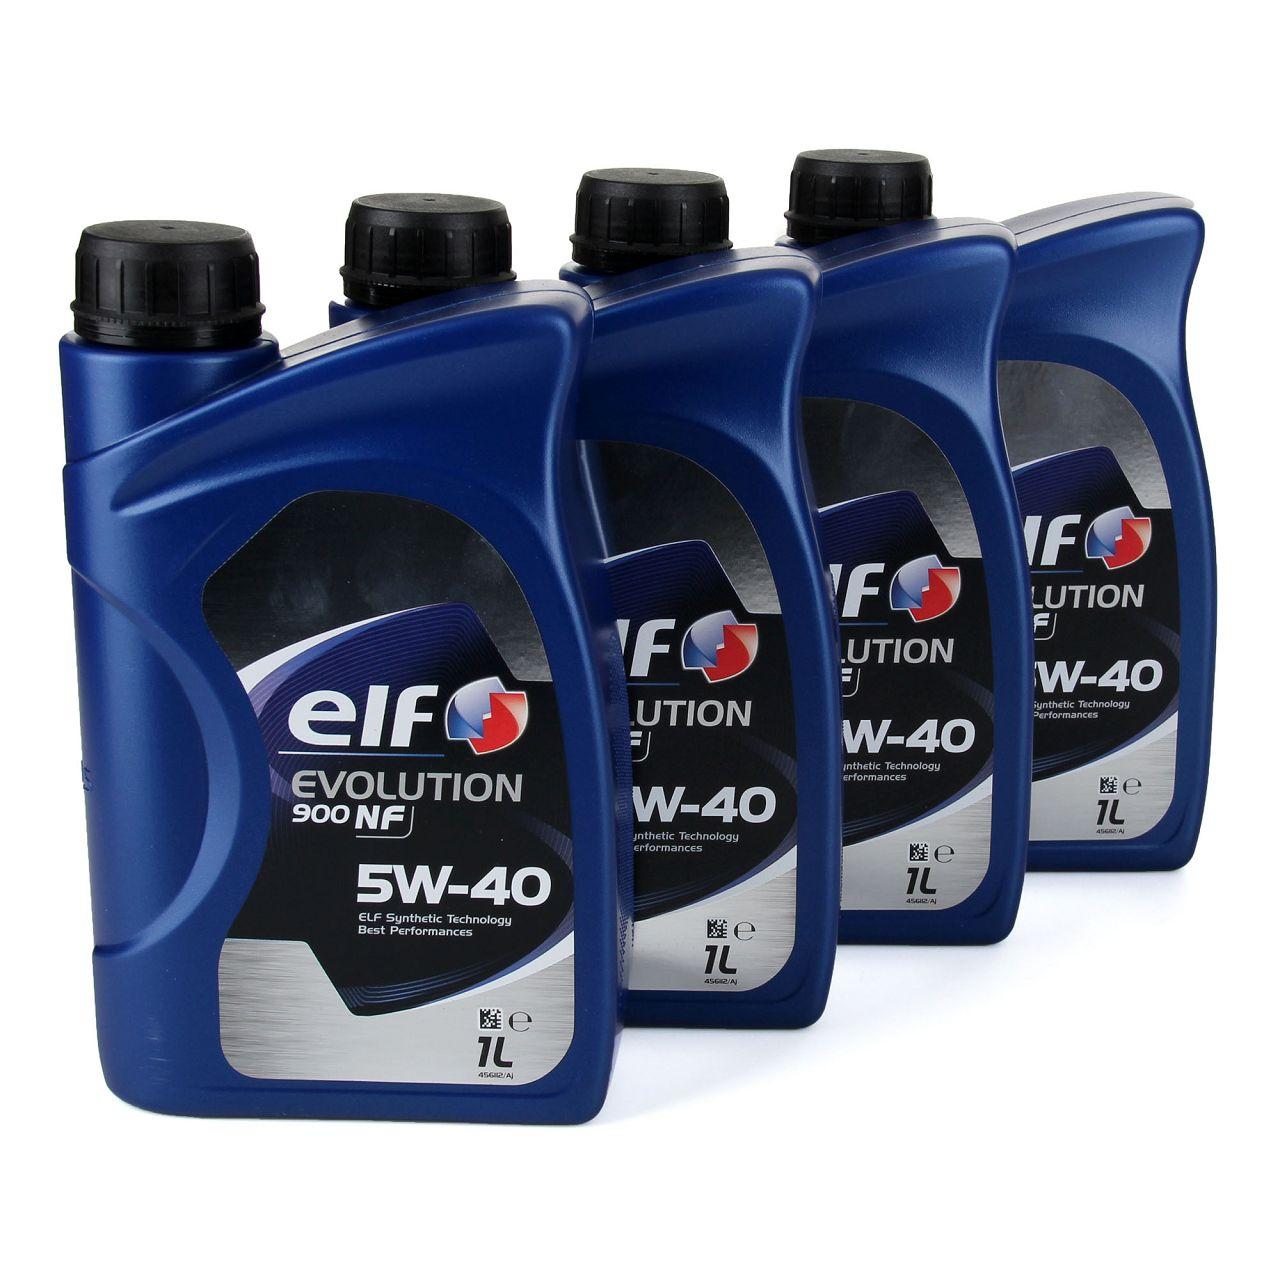 elf Evolution 900 NF 5W-40 Motoröl VW 502.00/505.00 MERCEDES 229.3 - 4L 4 Liter